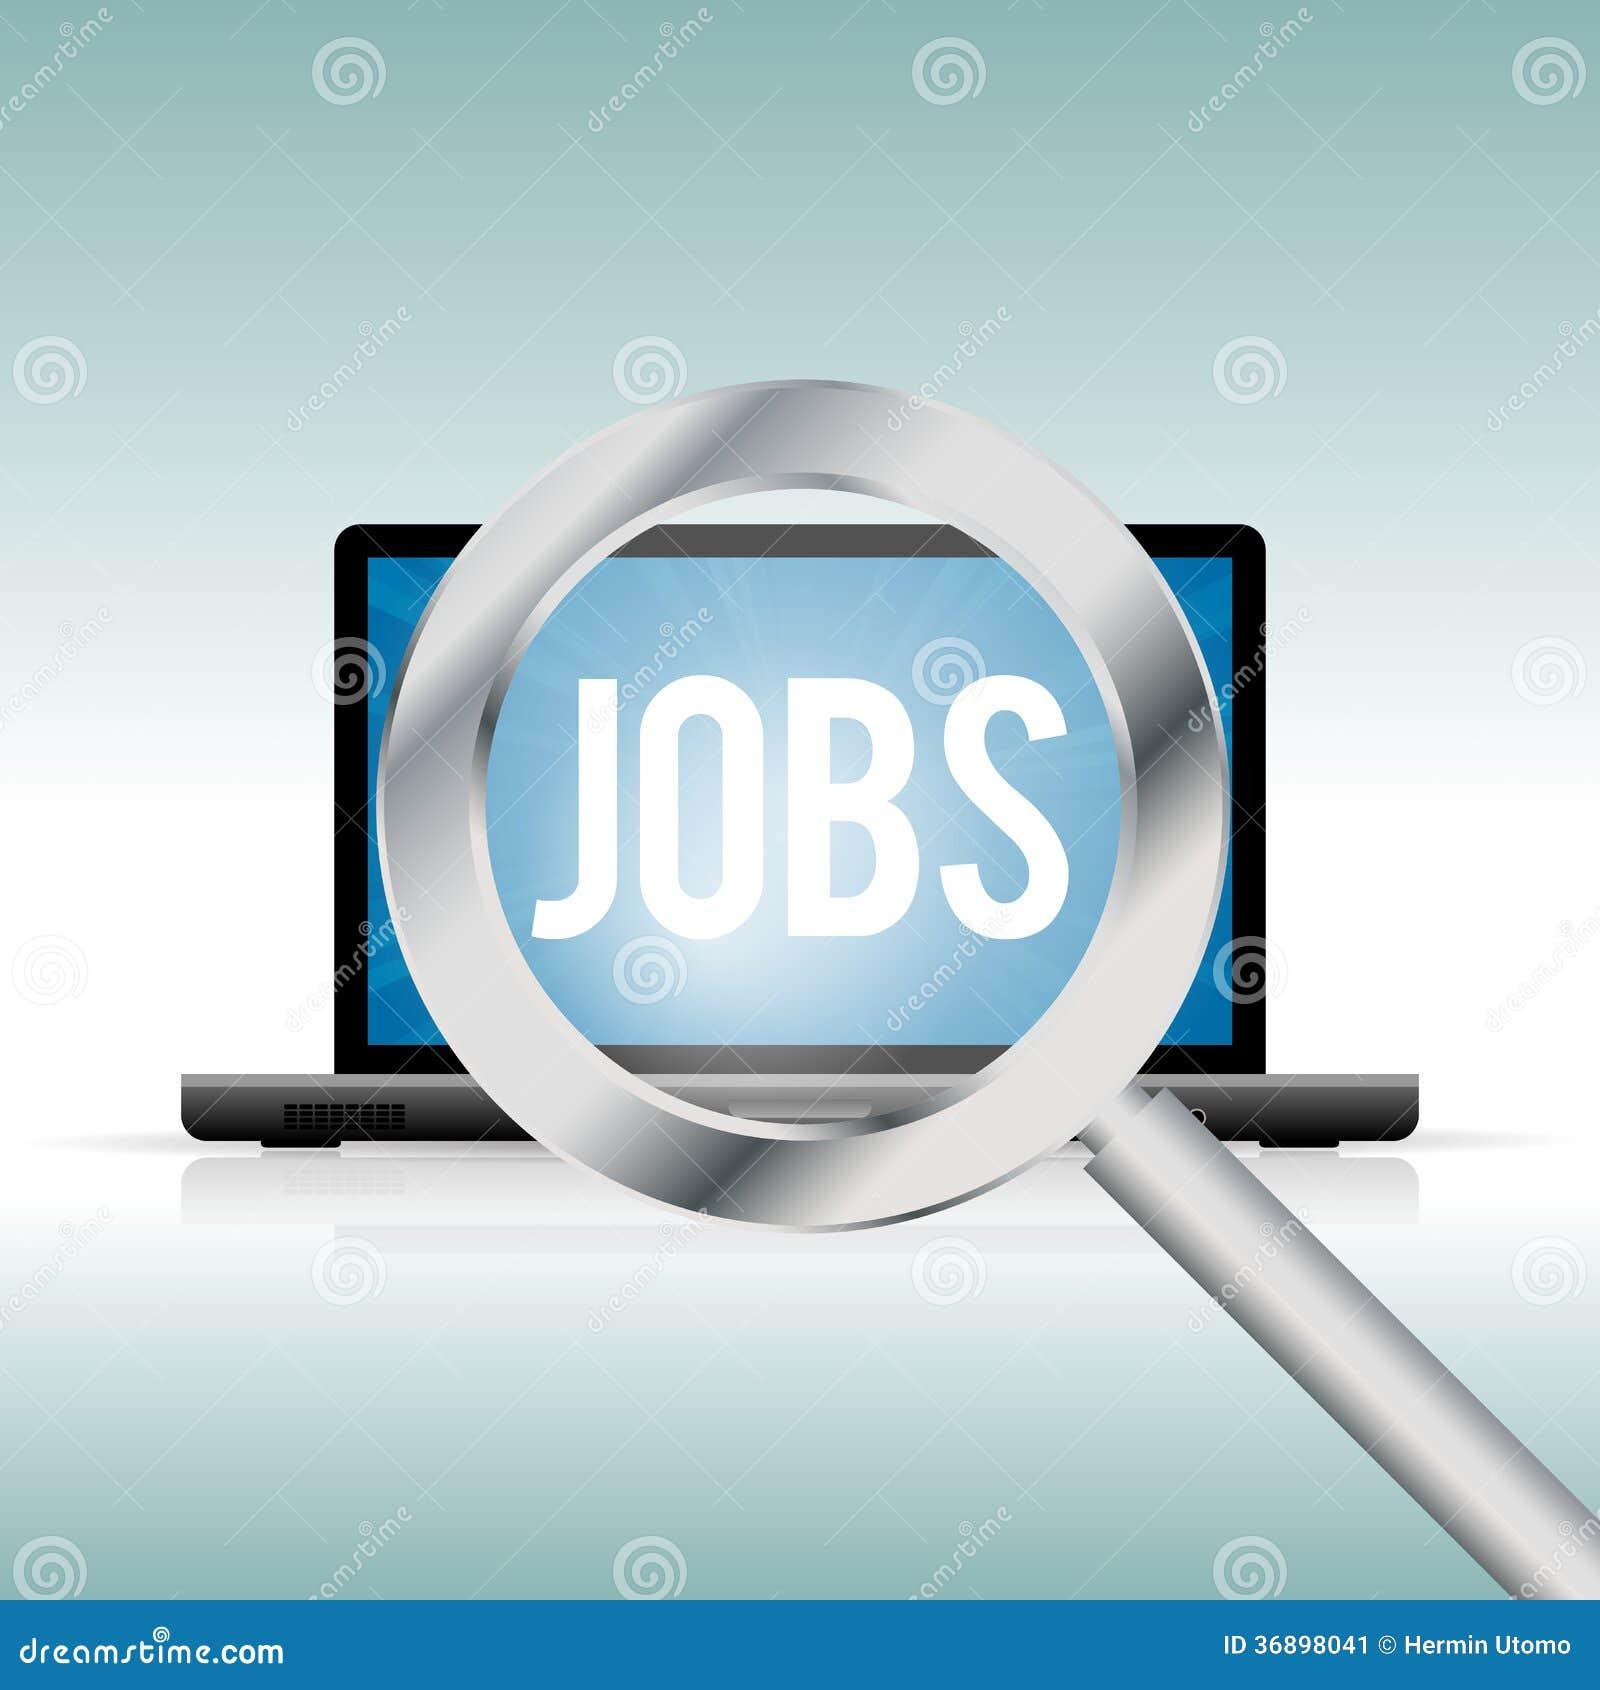 finding jobs online stock image image  finding jobs online